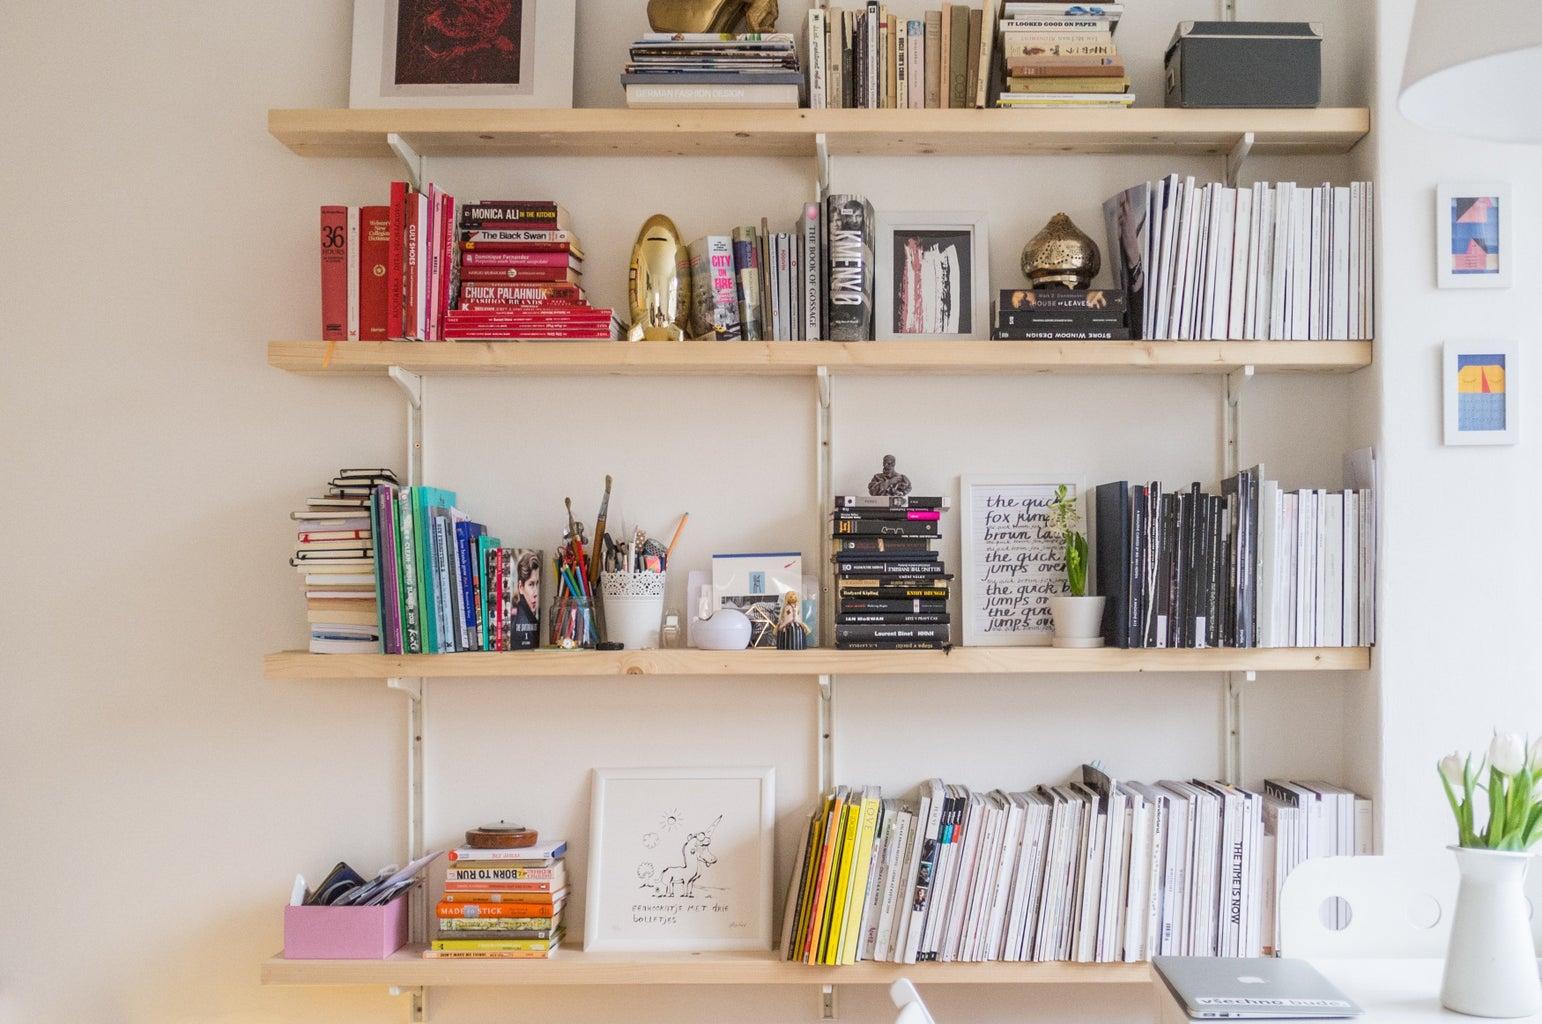 floating wooden shelves full of books, art prints and other knickknacks